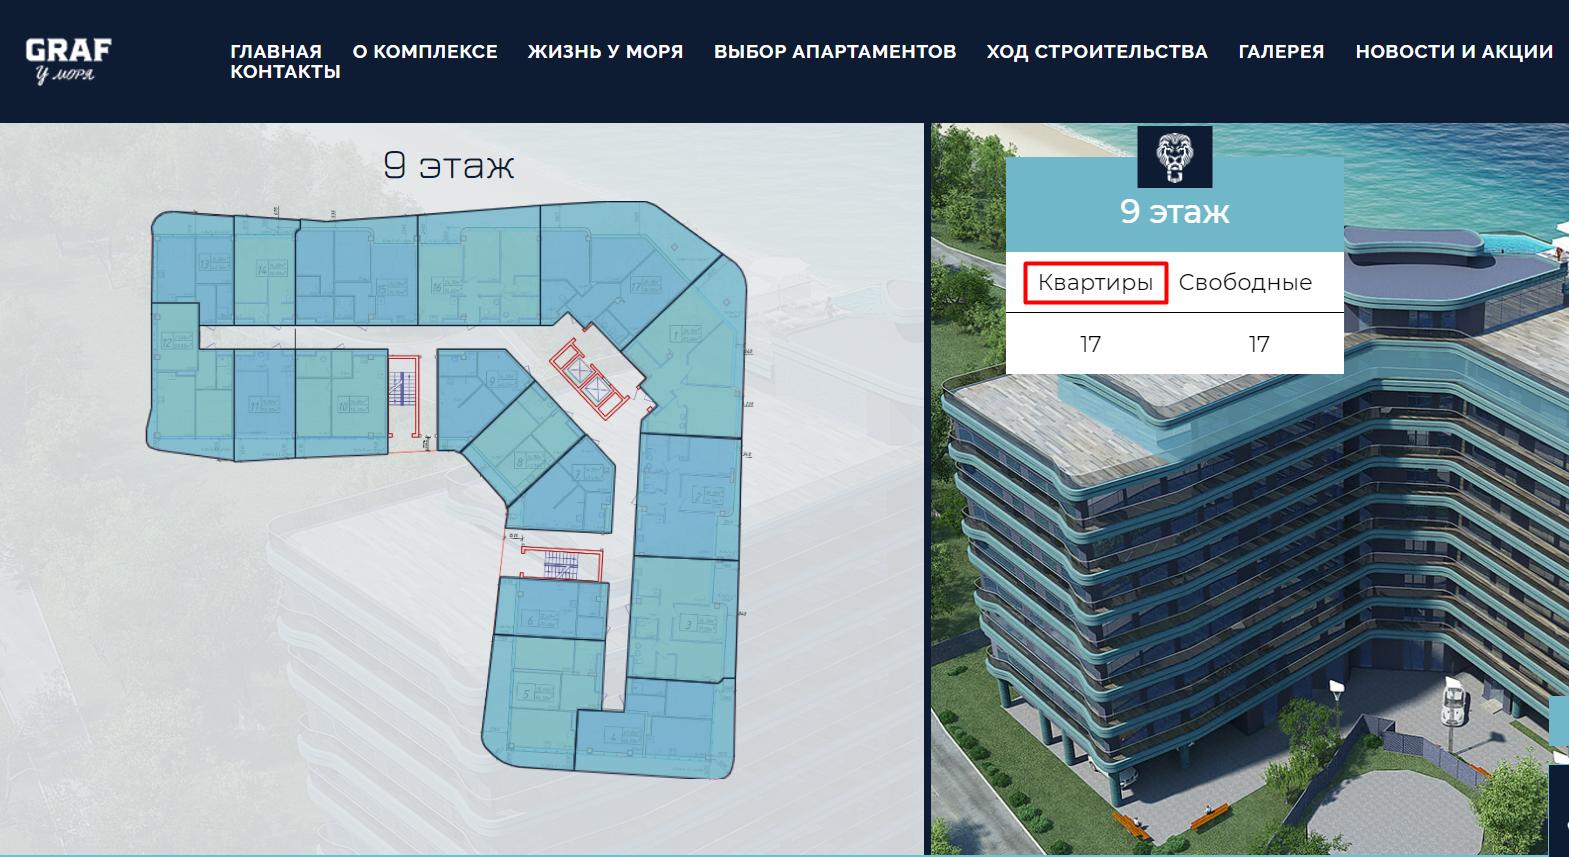 """Скриншот раздела """"выбор апартаментов"""" на сайте """"GRAF у моря"""""""